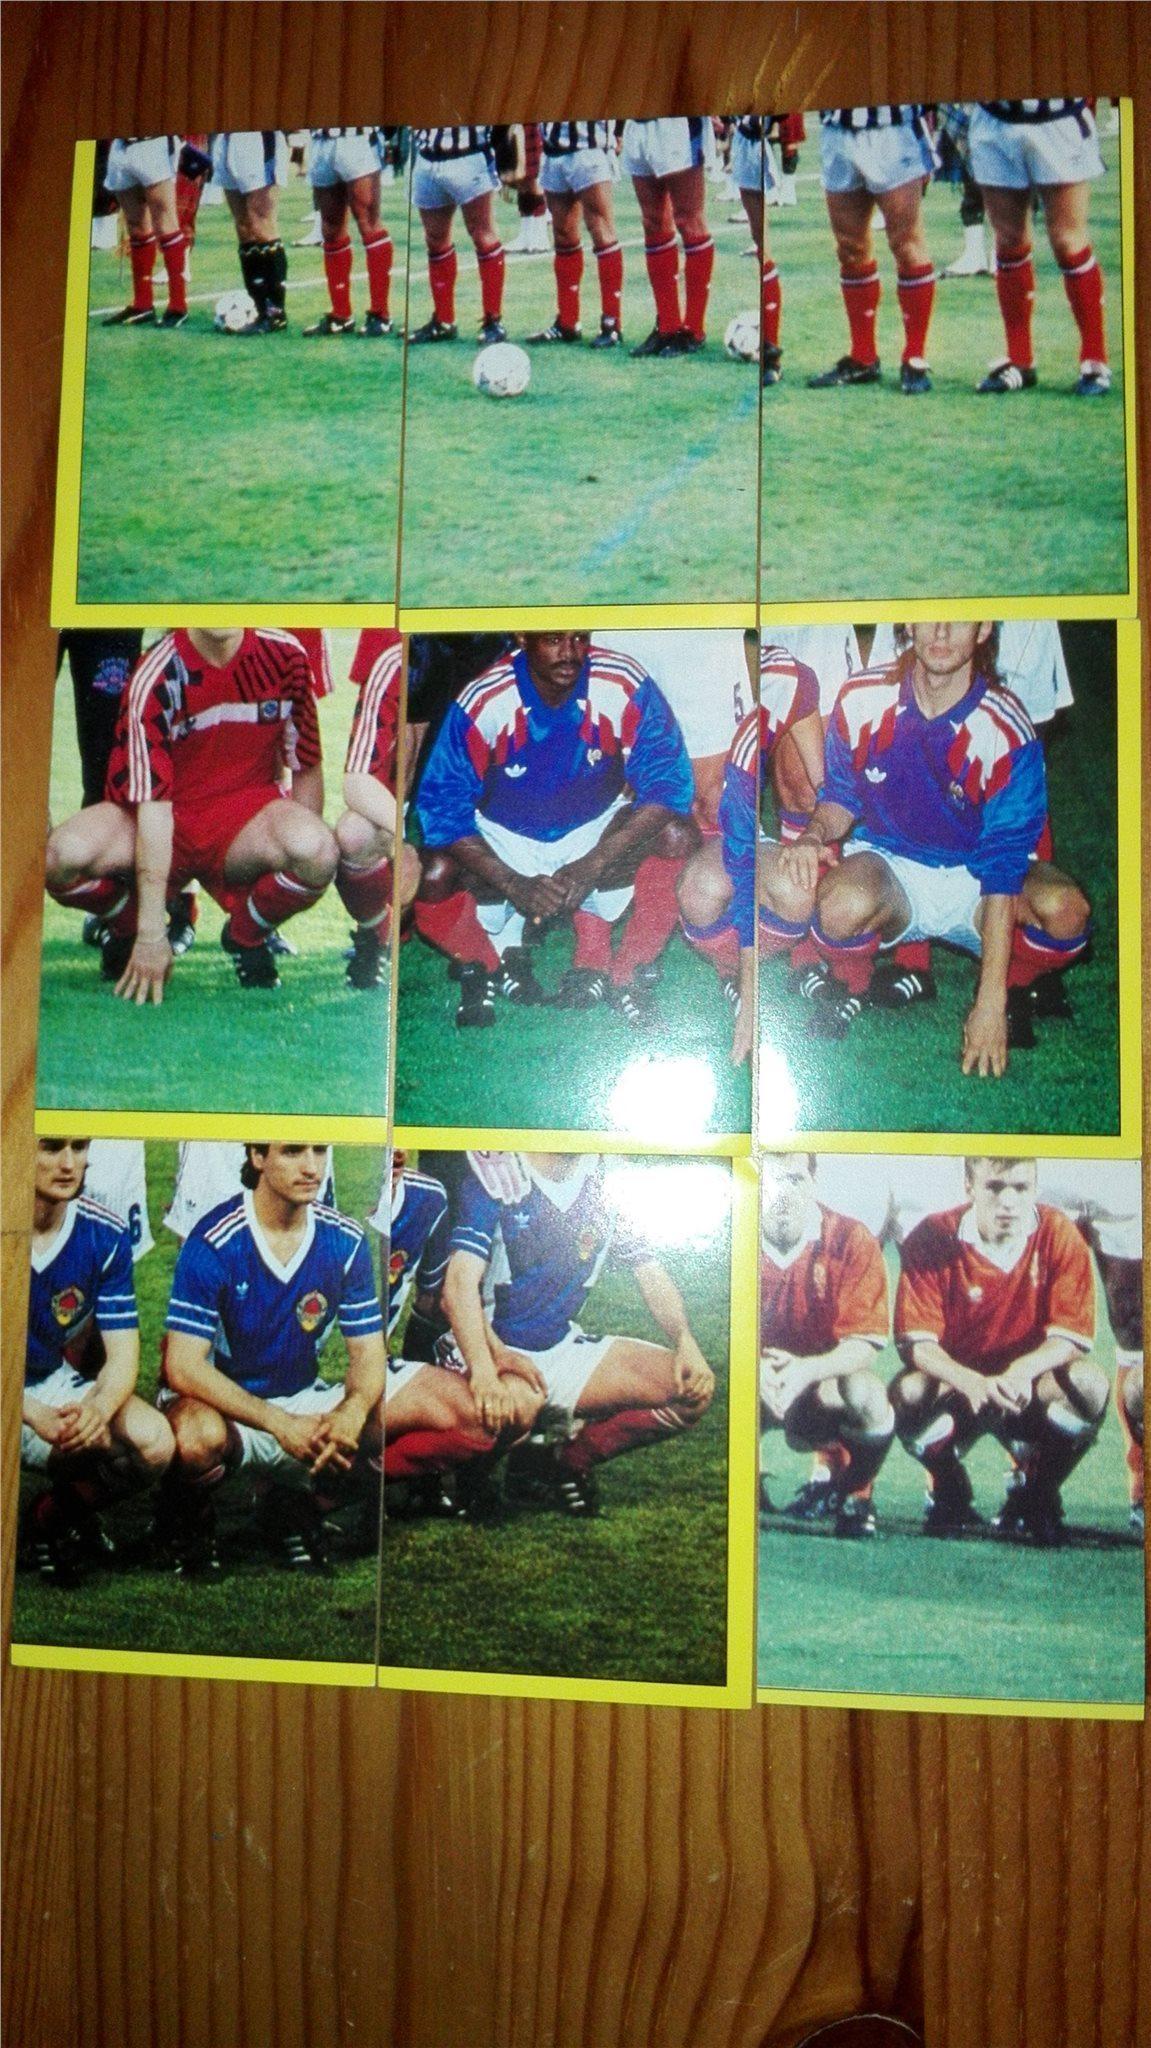 Fotbolls EM 1992 stickers samlarbilder (324950975) ᐈ Köp på Tradera a8517579f62ac